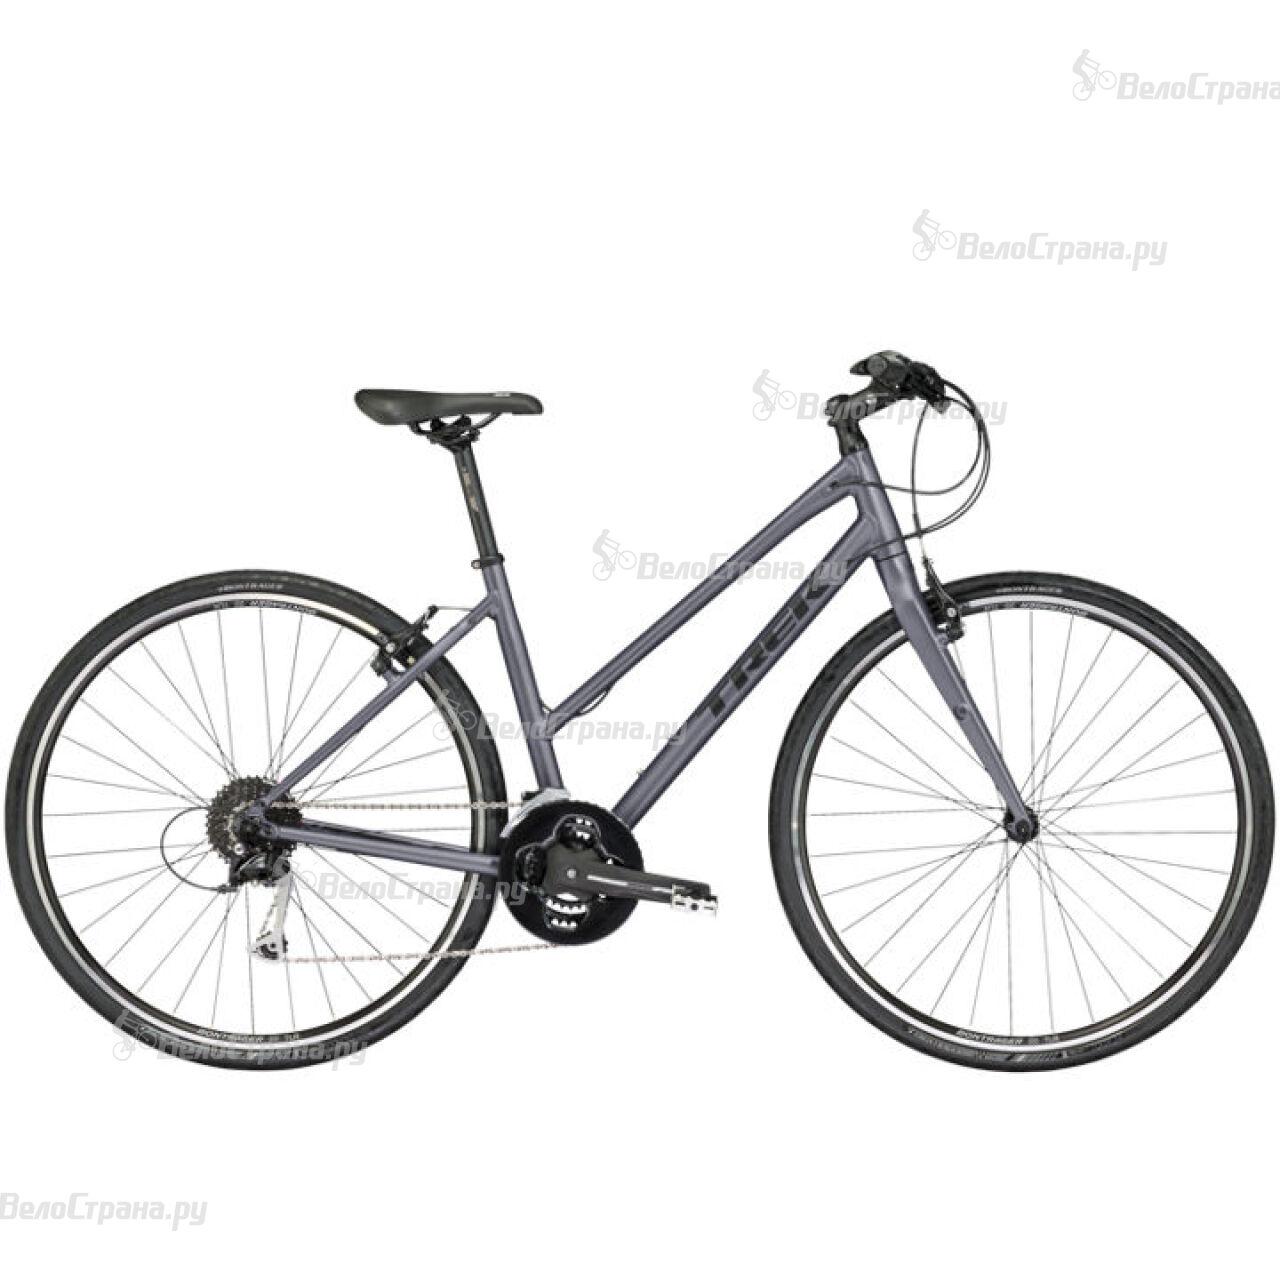 Велосипед Trek FX 3 WSD (2017)